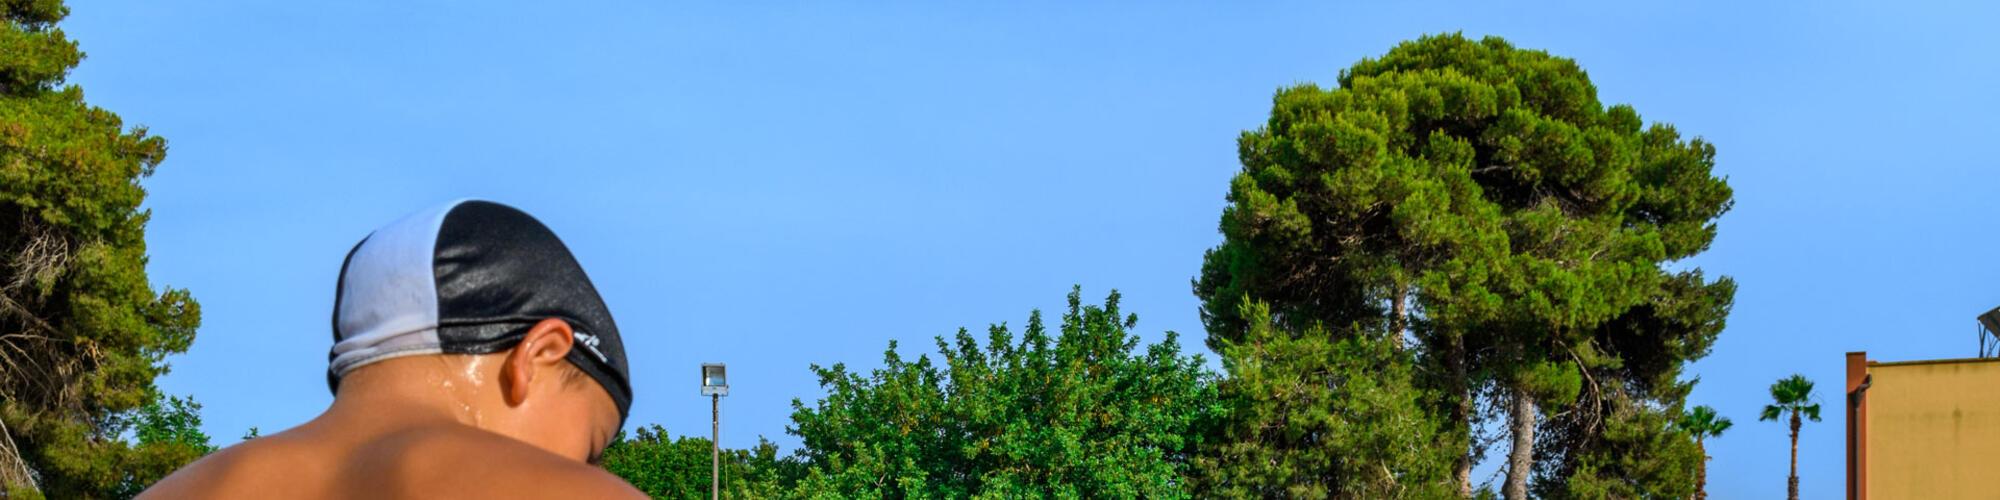 Campeggio con piscina gallipoli il villaggio vacanze con piscina nel salento con zona bimbi e - Masseria con piscina salento ...